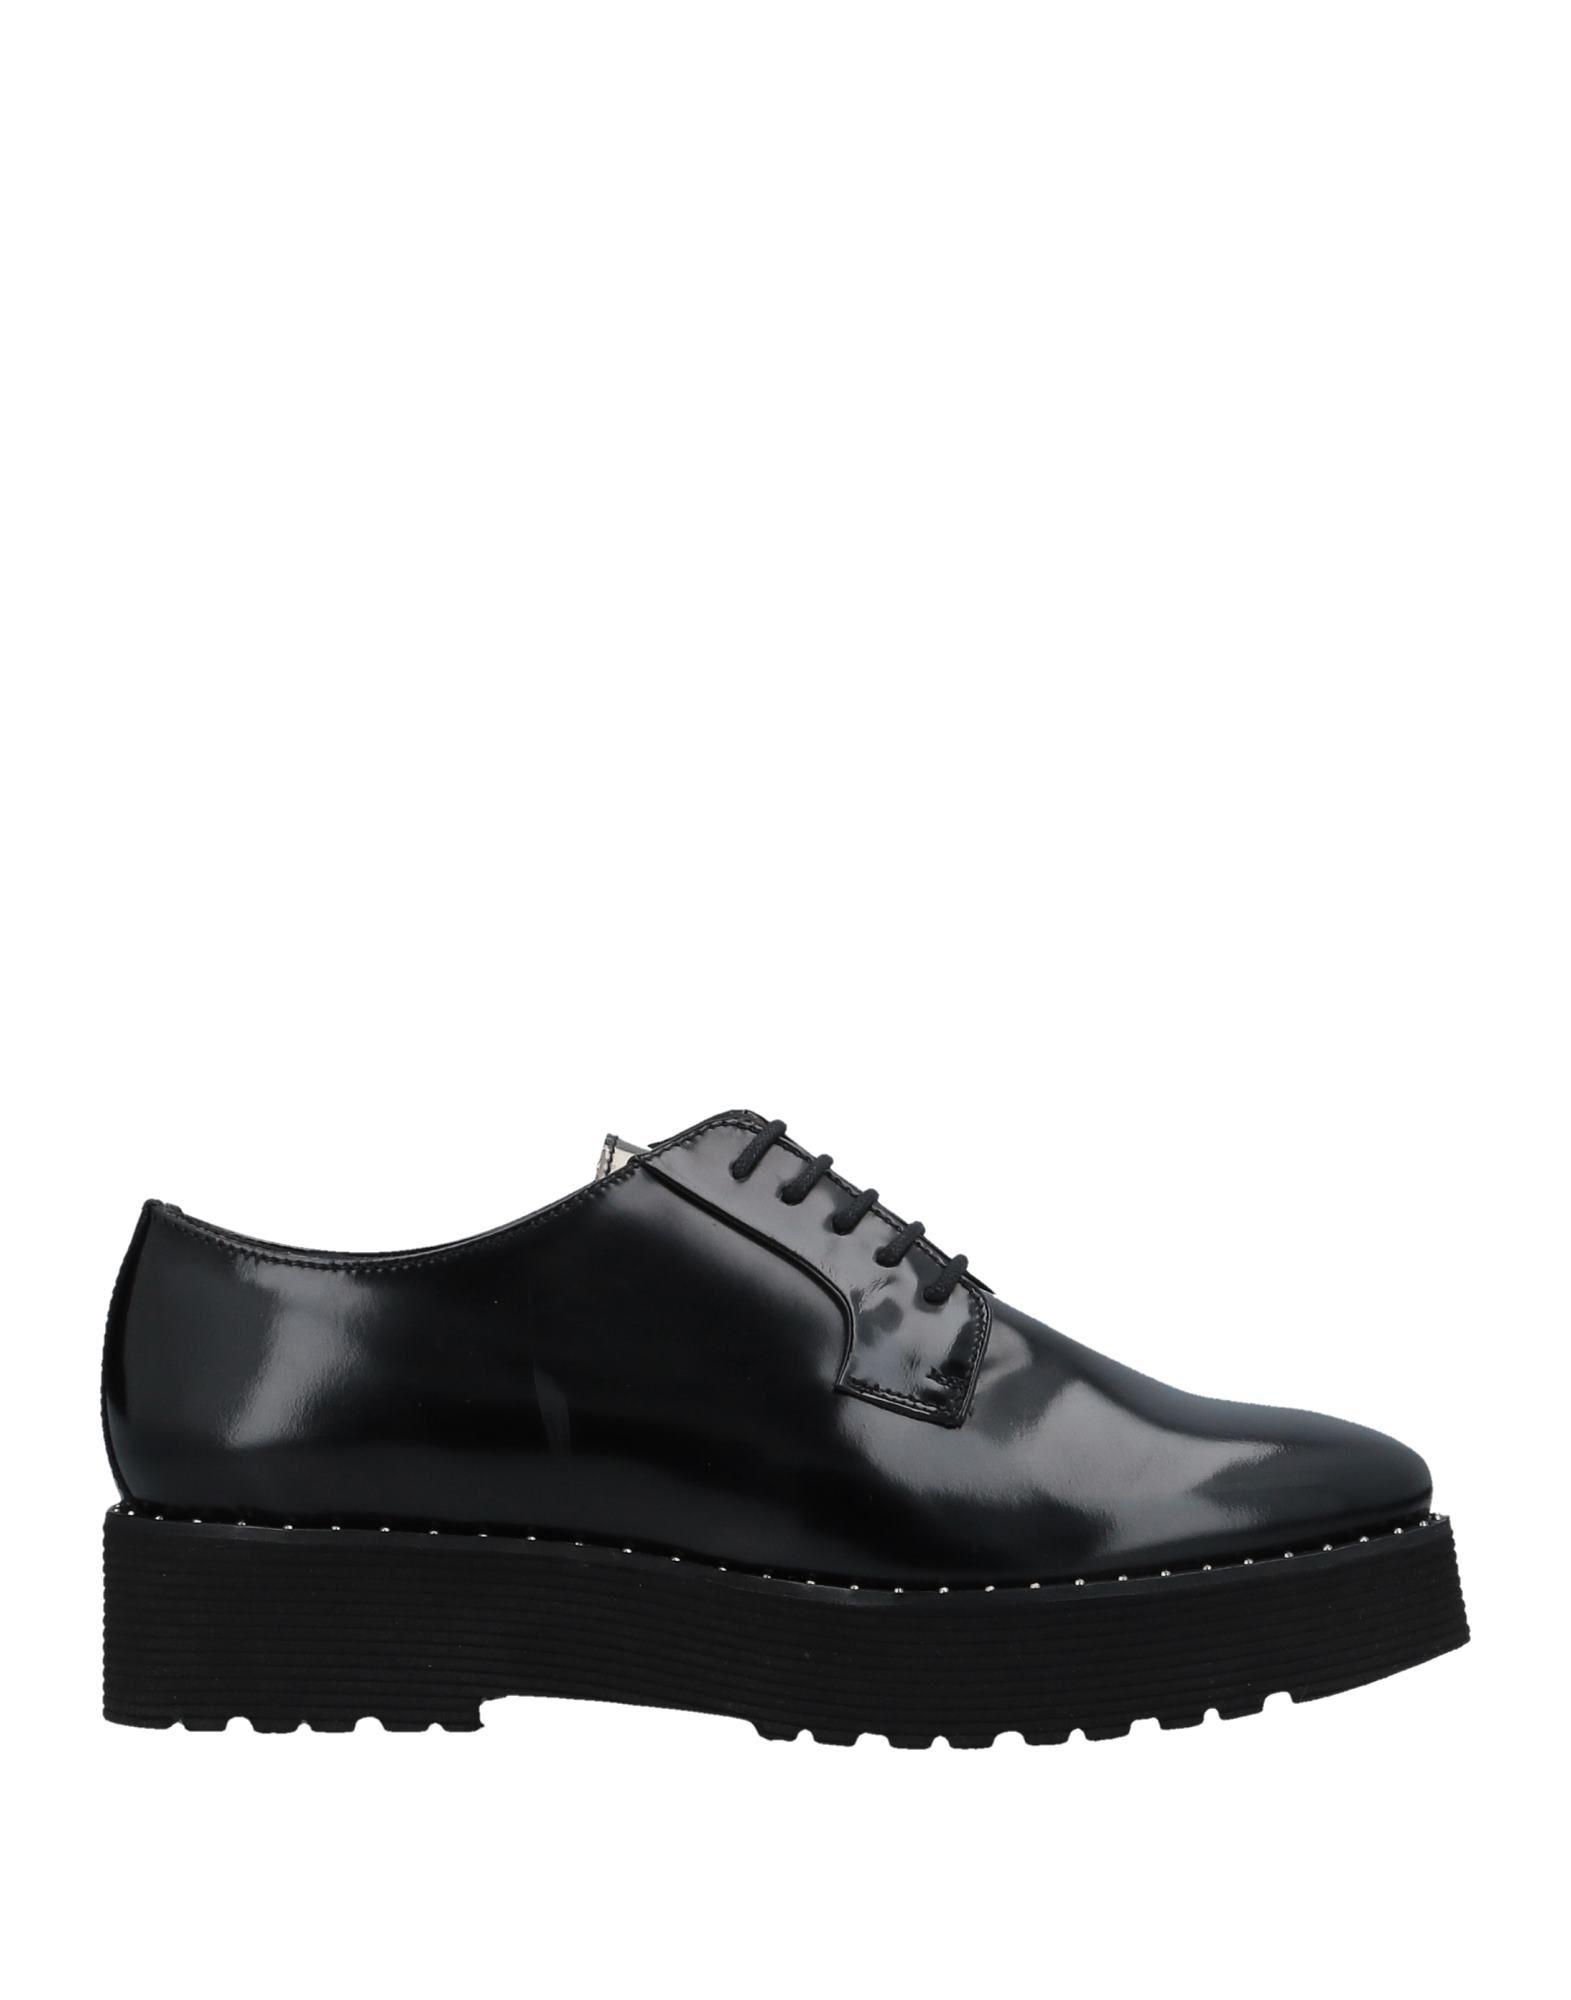 Calpierre Schnürschuhe Damen  11505397UV Gute Qualität beliebte Schuhe